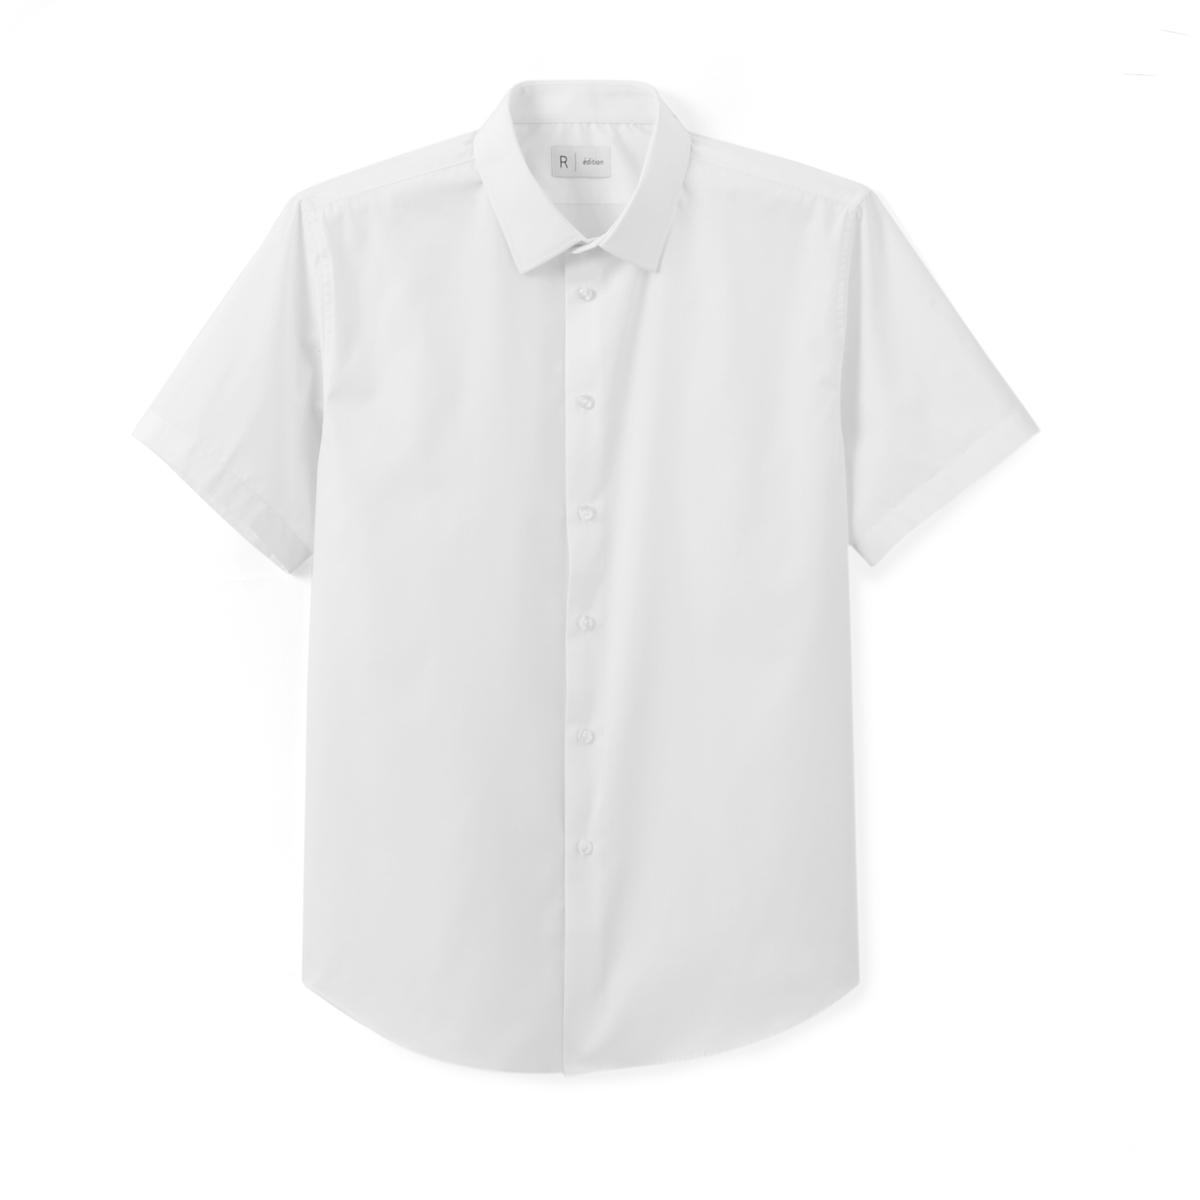 Рубашка стандартного покроя с короткими рукавами